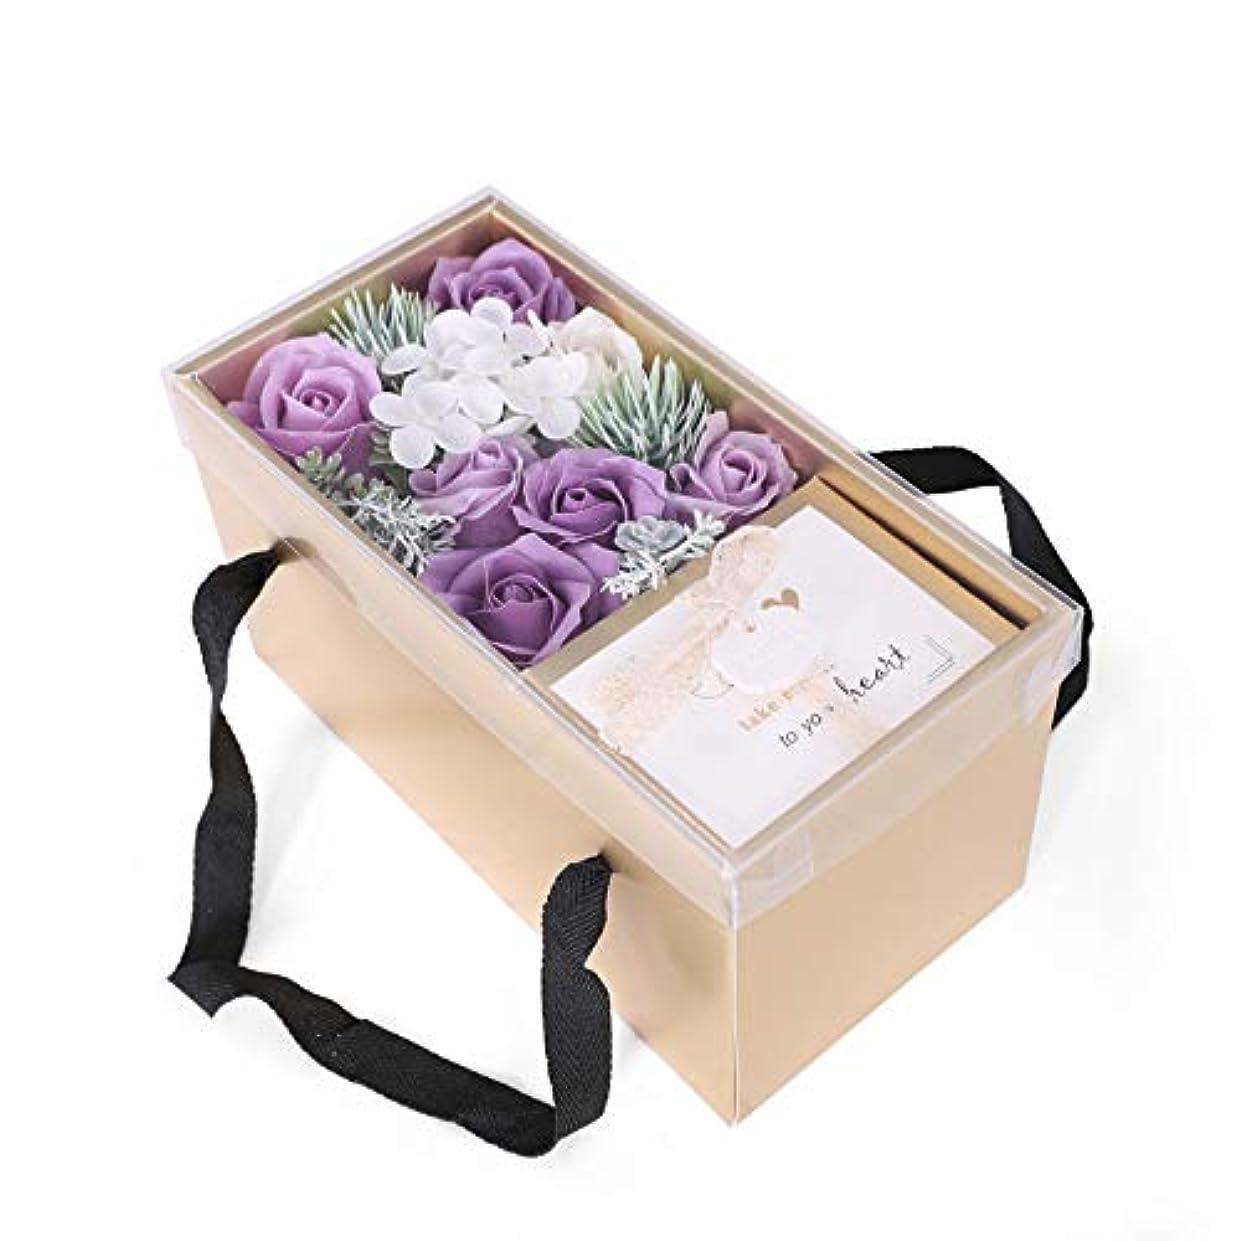 異なるシャイニング逮捕生地と花石鹸の花 バスソープフラワーローズフラワーバレンタインデーのために必須ガールフレンド記念日誕生日母の日ポータブルギフトボックス (色 : 紫の)